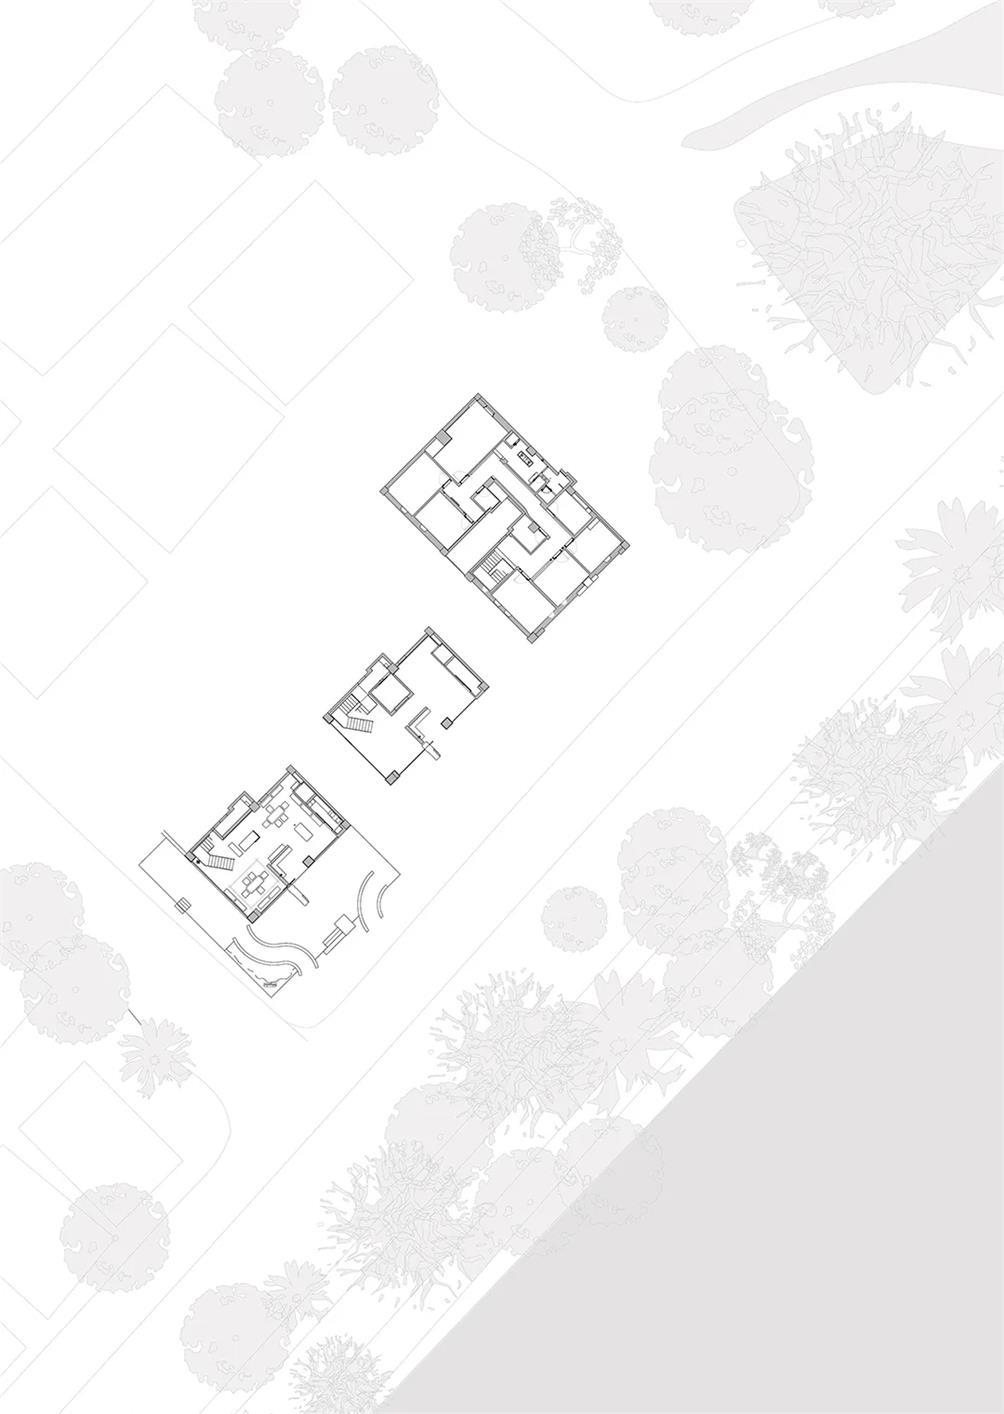 茶文化空间平面图